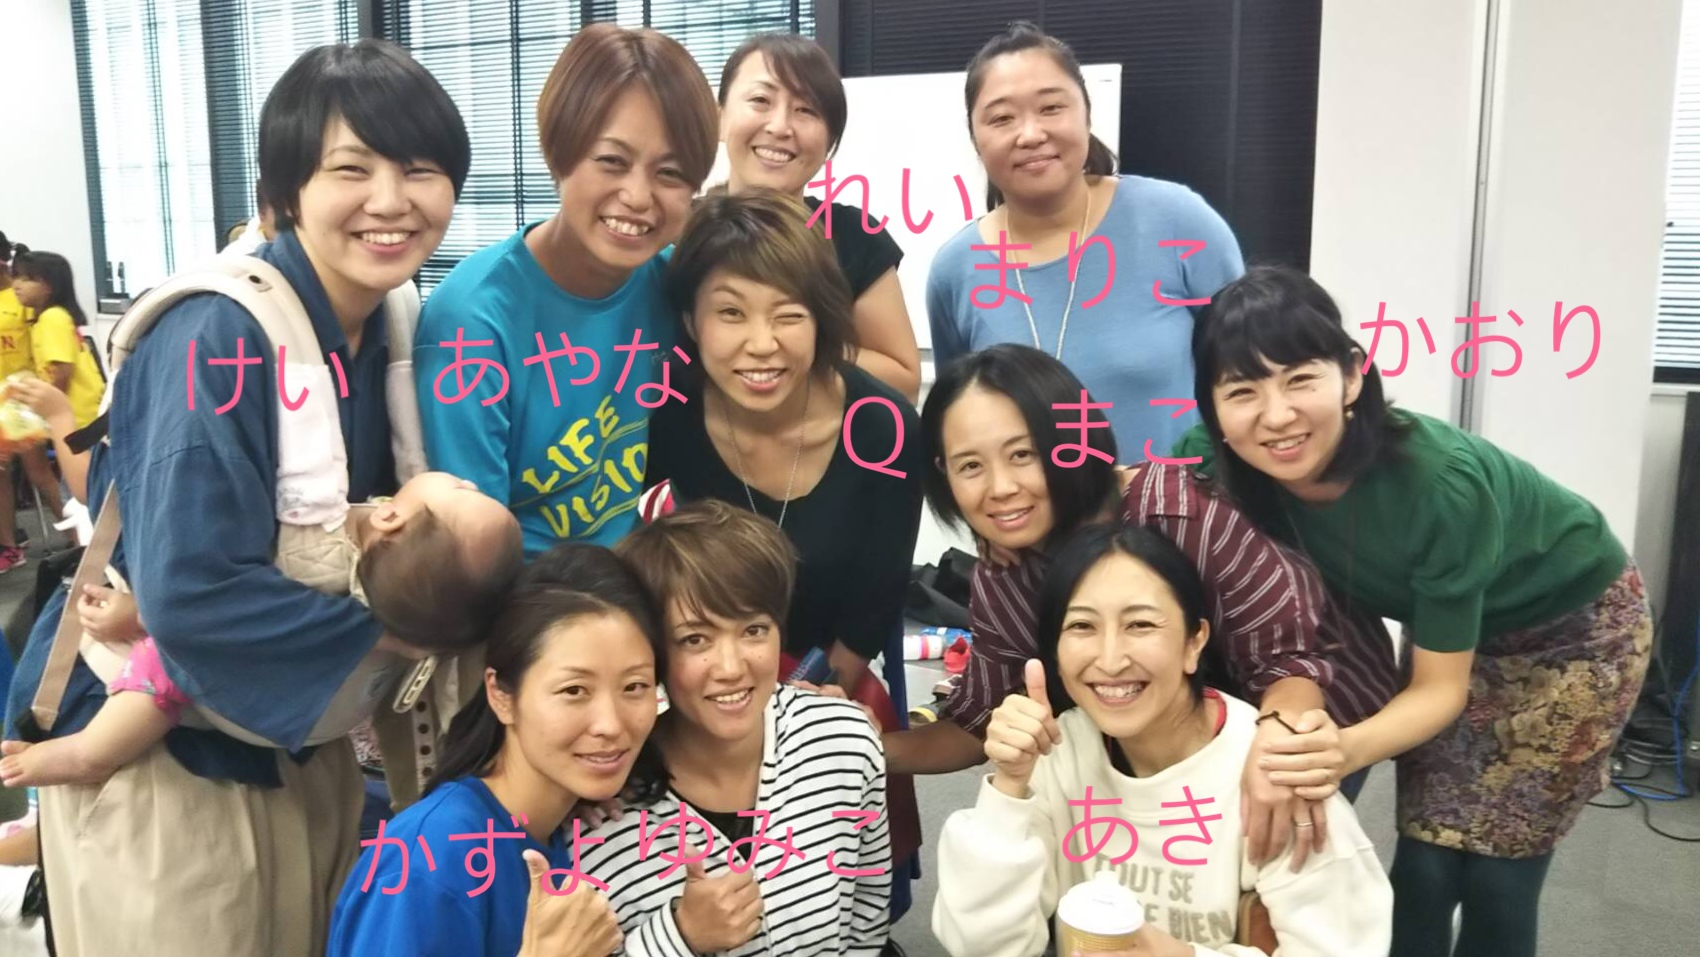 2018/9/25 1010HAPPY藤沢クラスBグループ感想①魂に響いたお話②感想